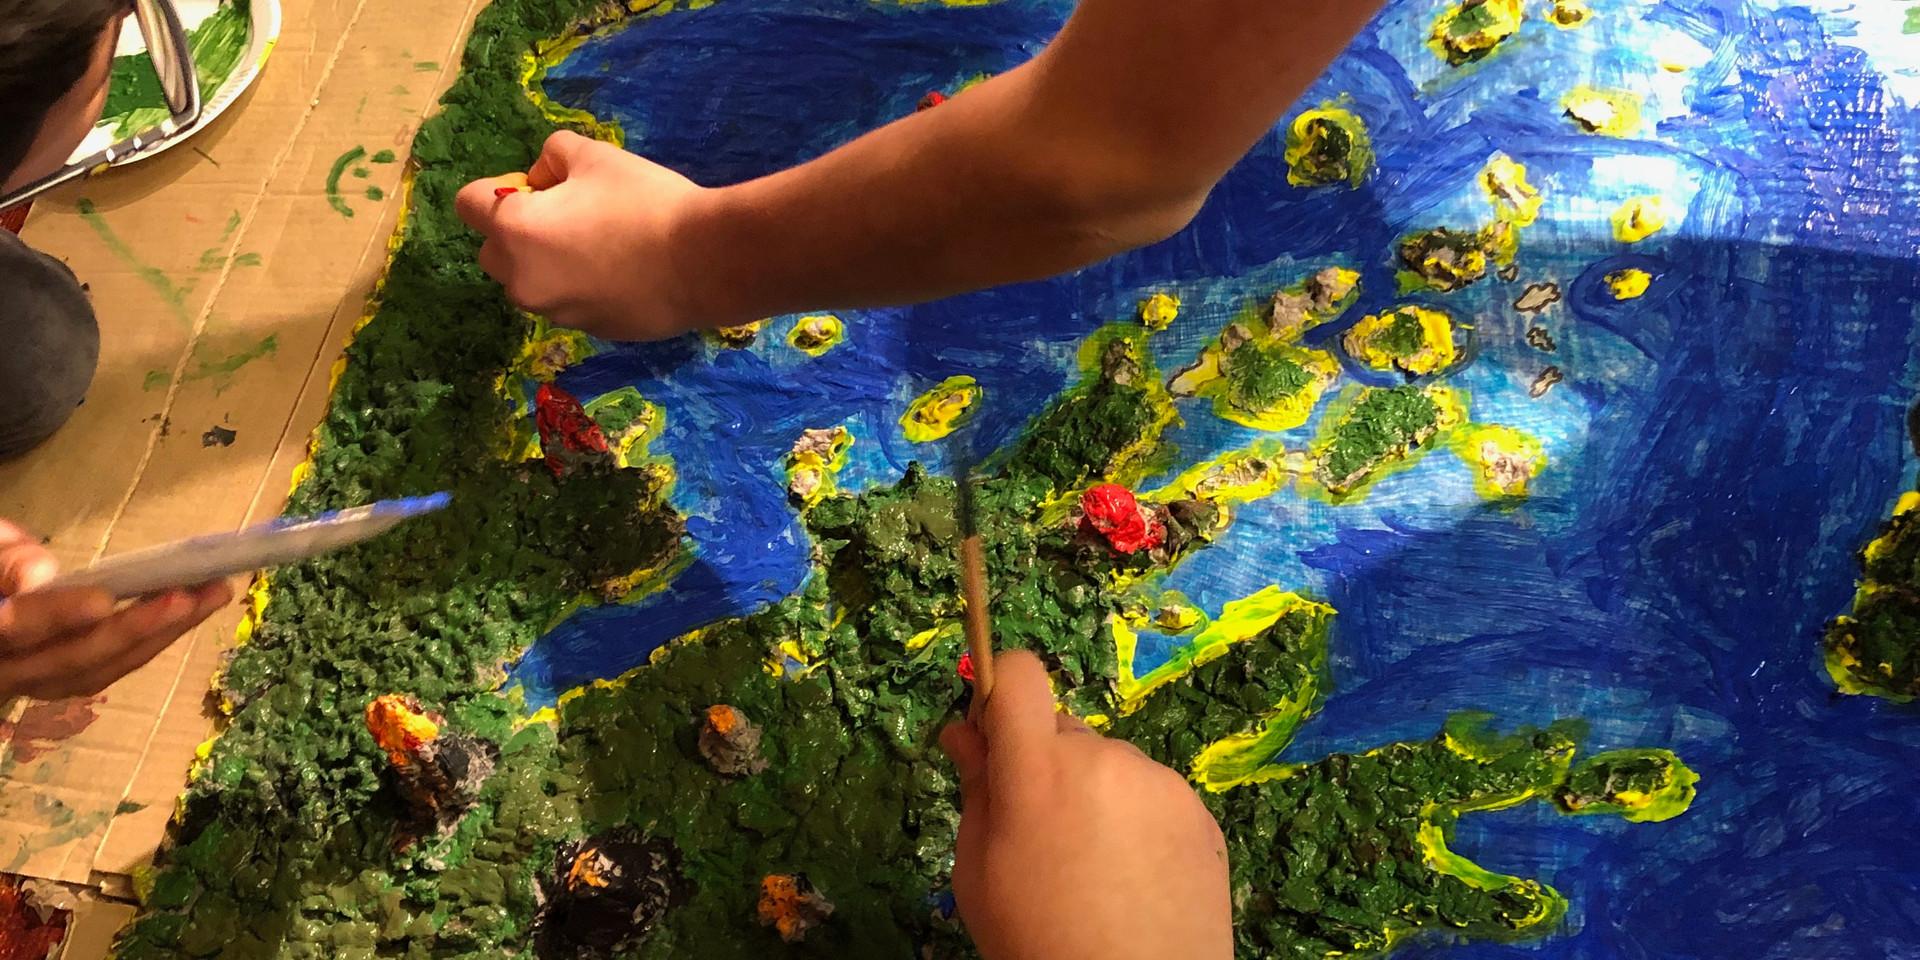 χρωματίζουμε τον χάρτη μας